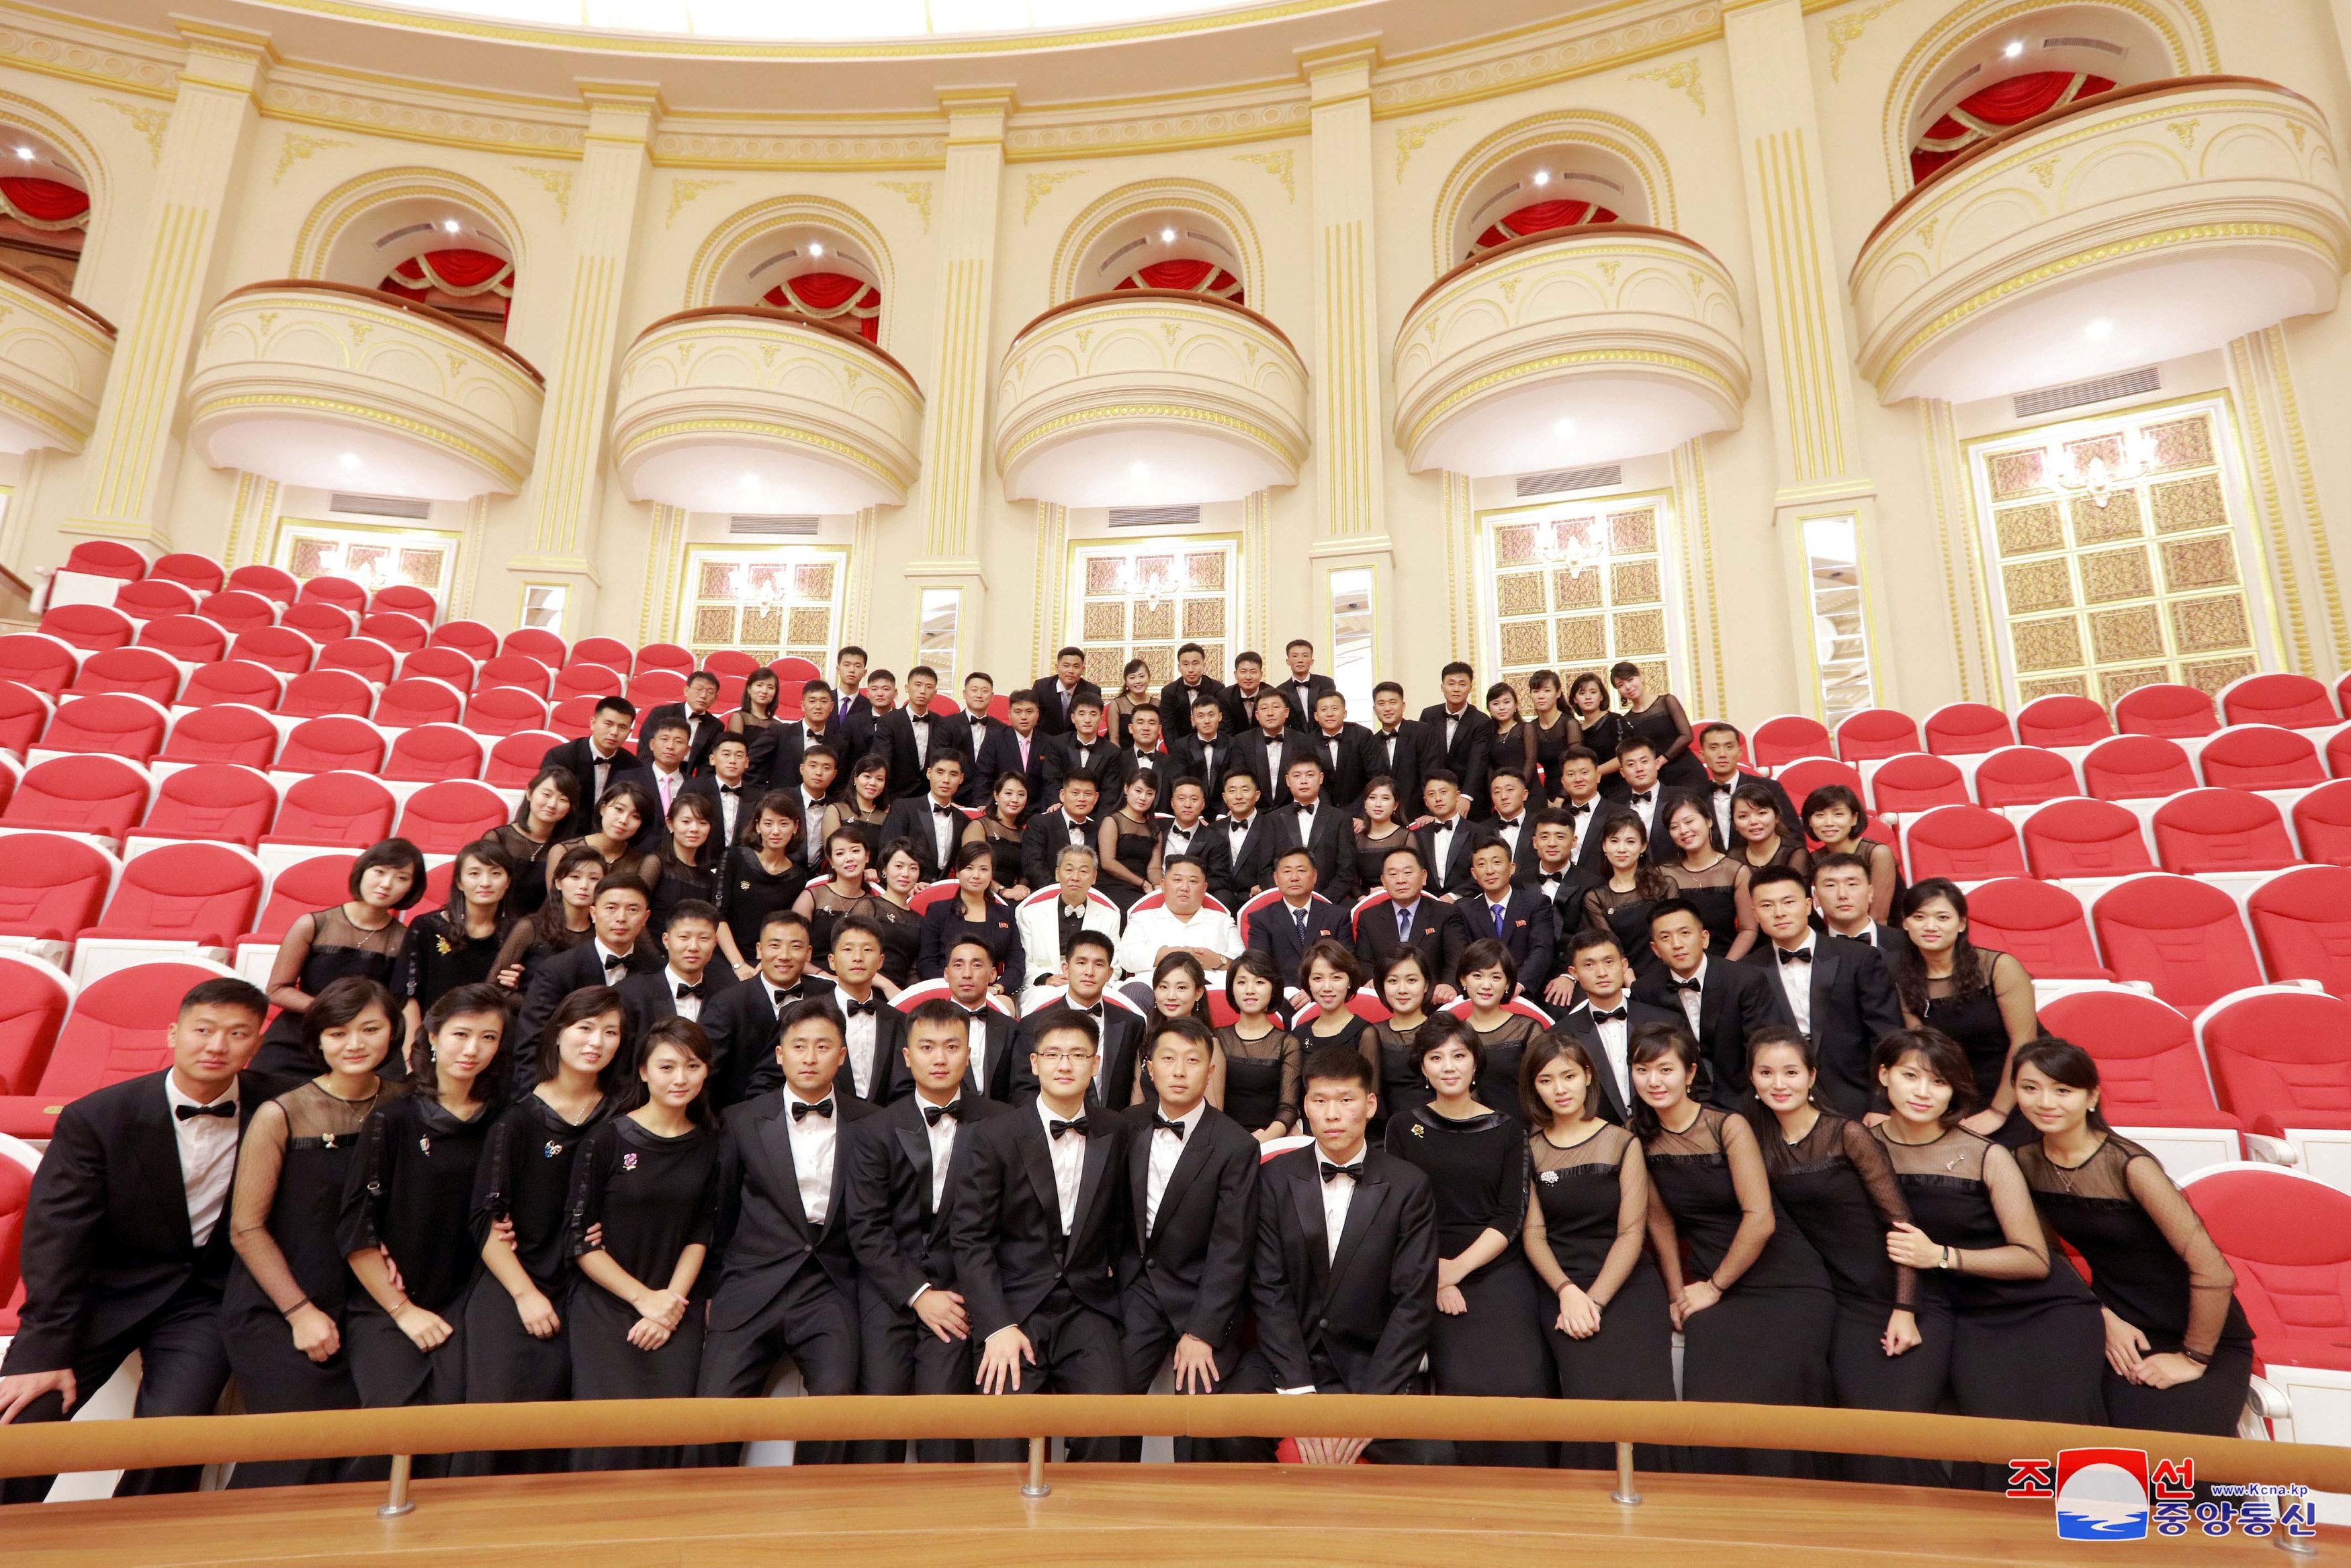 زعيم كوريا الشمالية يتوسط أحد الفرق التى قدمت عرضا بالمسرح القومى ببيونج يانج